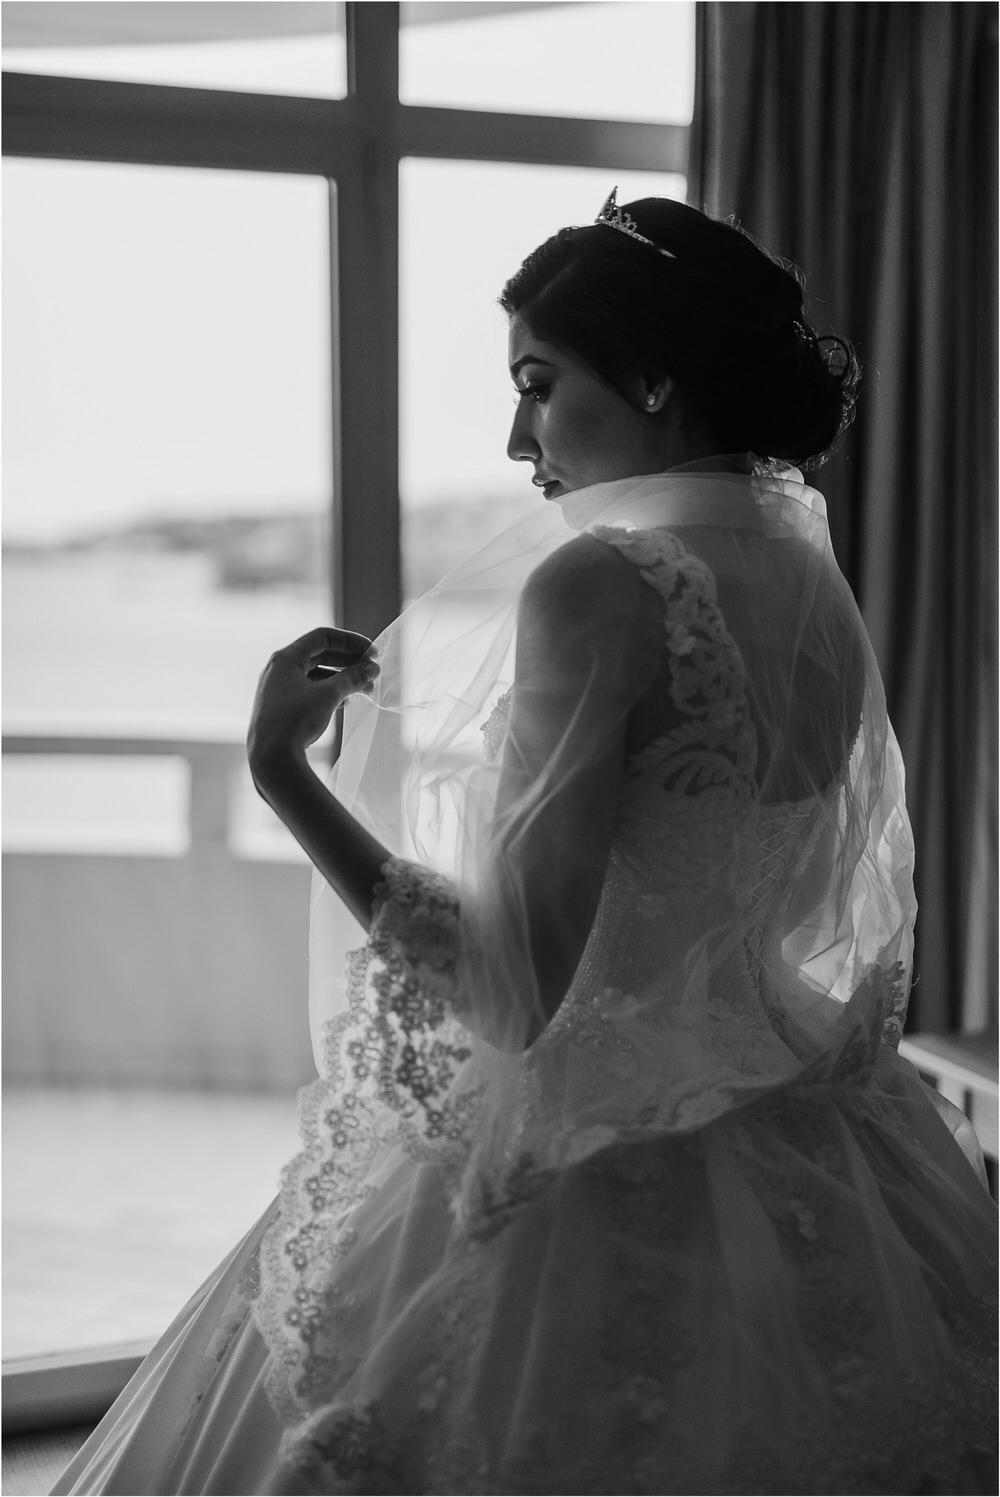 piran slovenia wedding elopement poroka obala portoroz primorska soline secovlje morje beach 0011.jpg